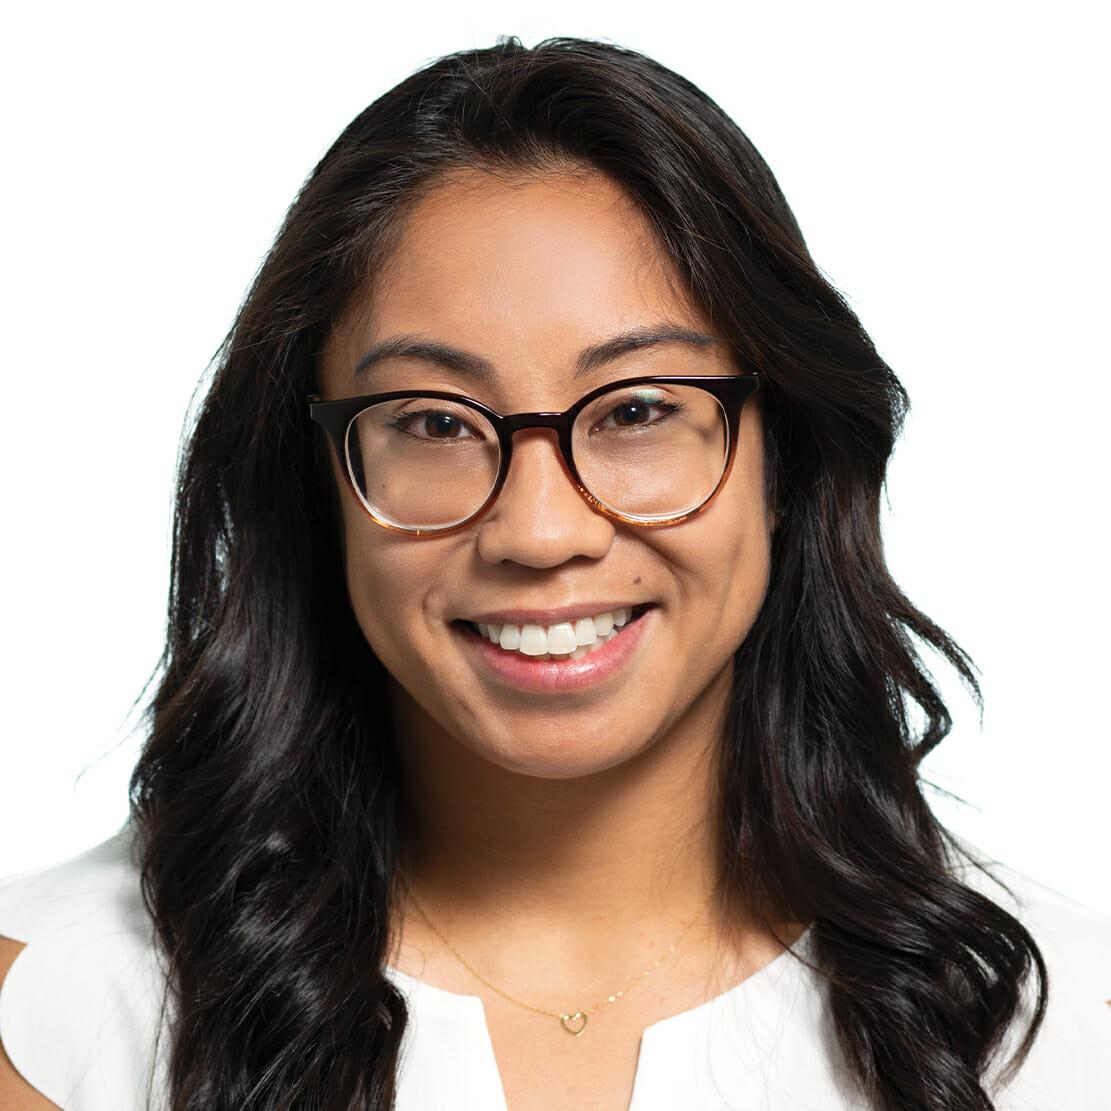 Kim Dela Cruz